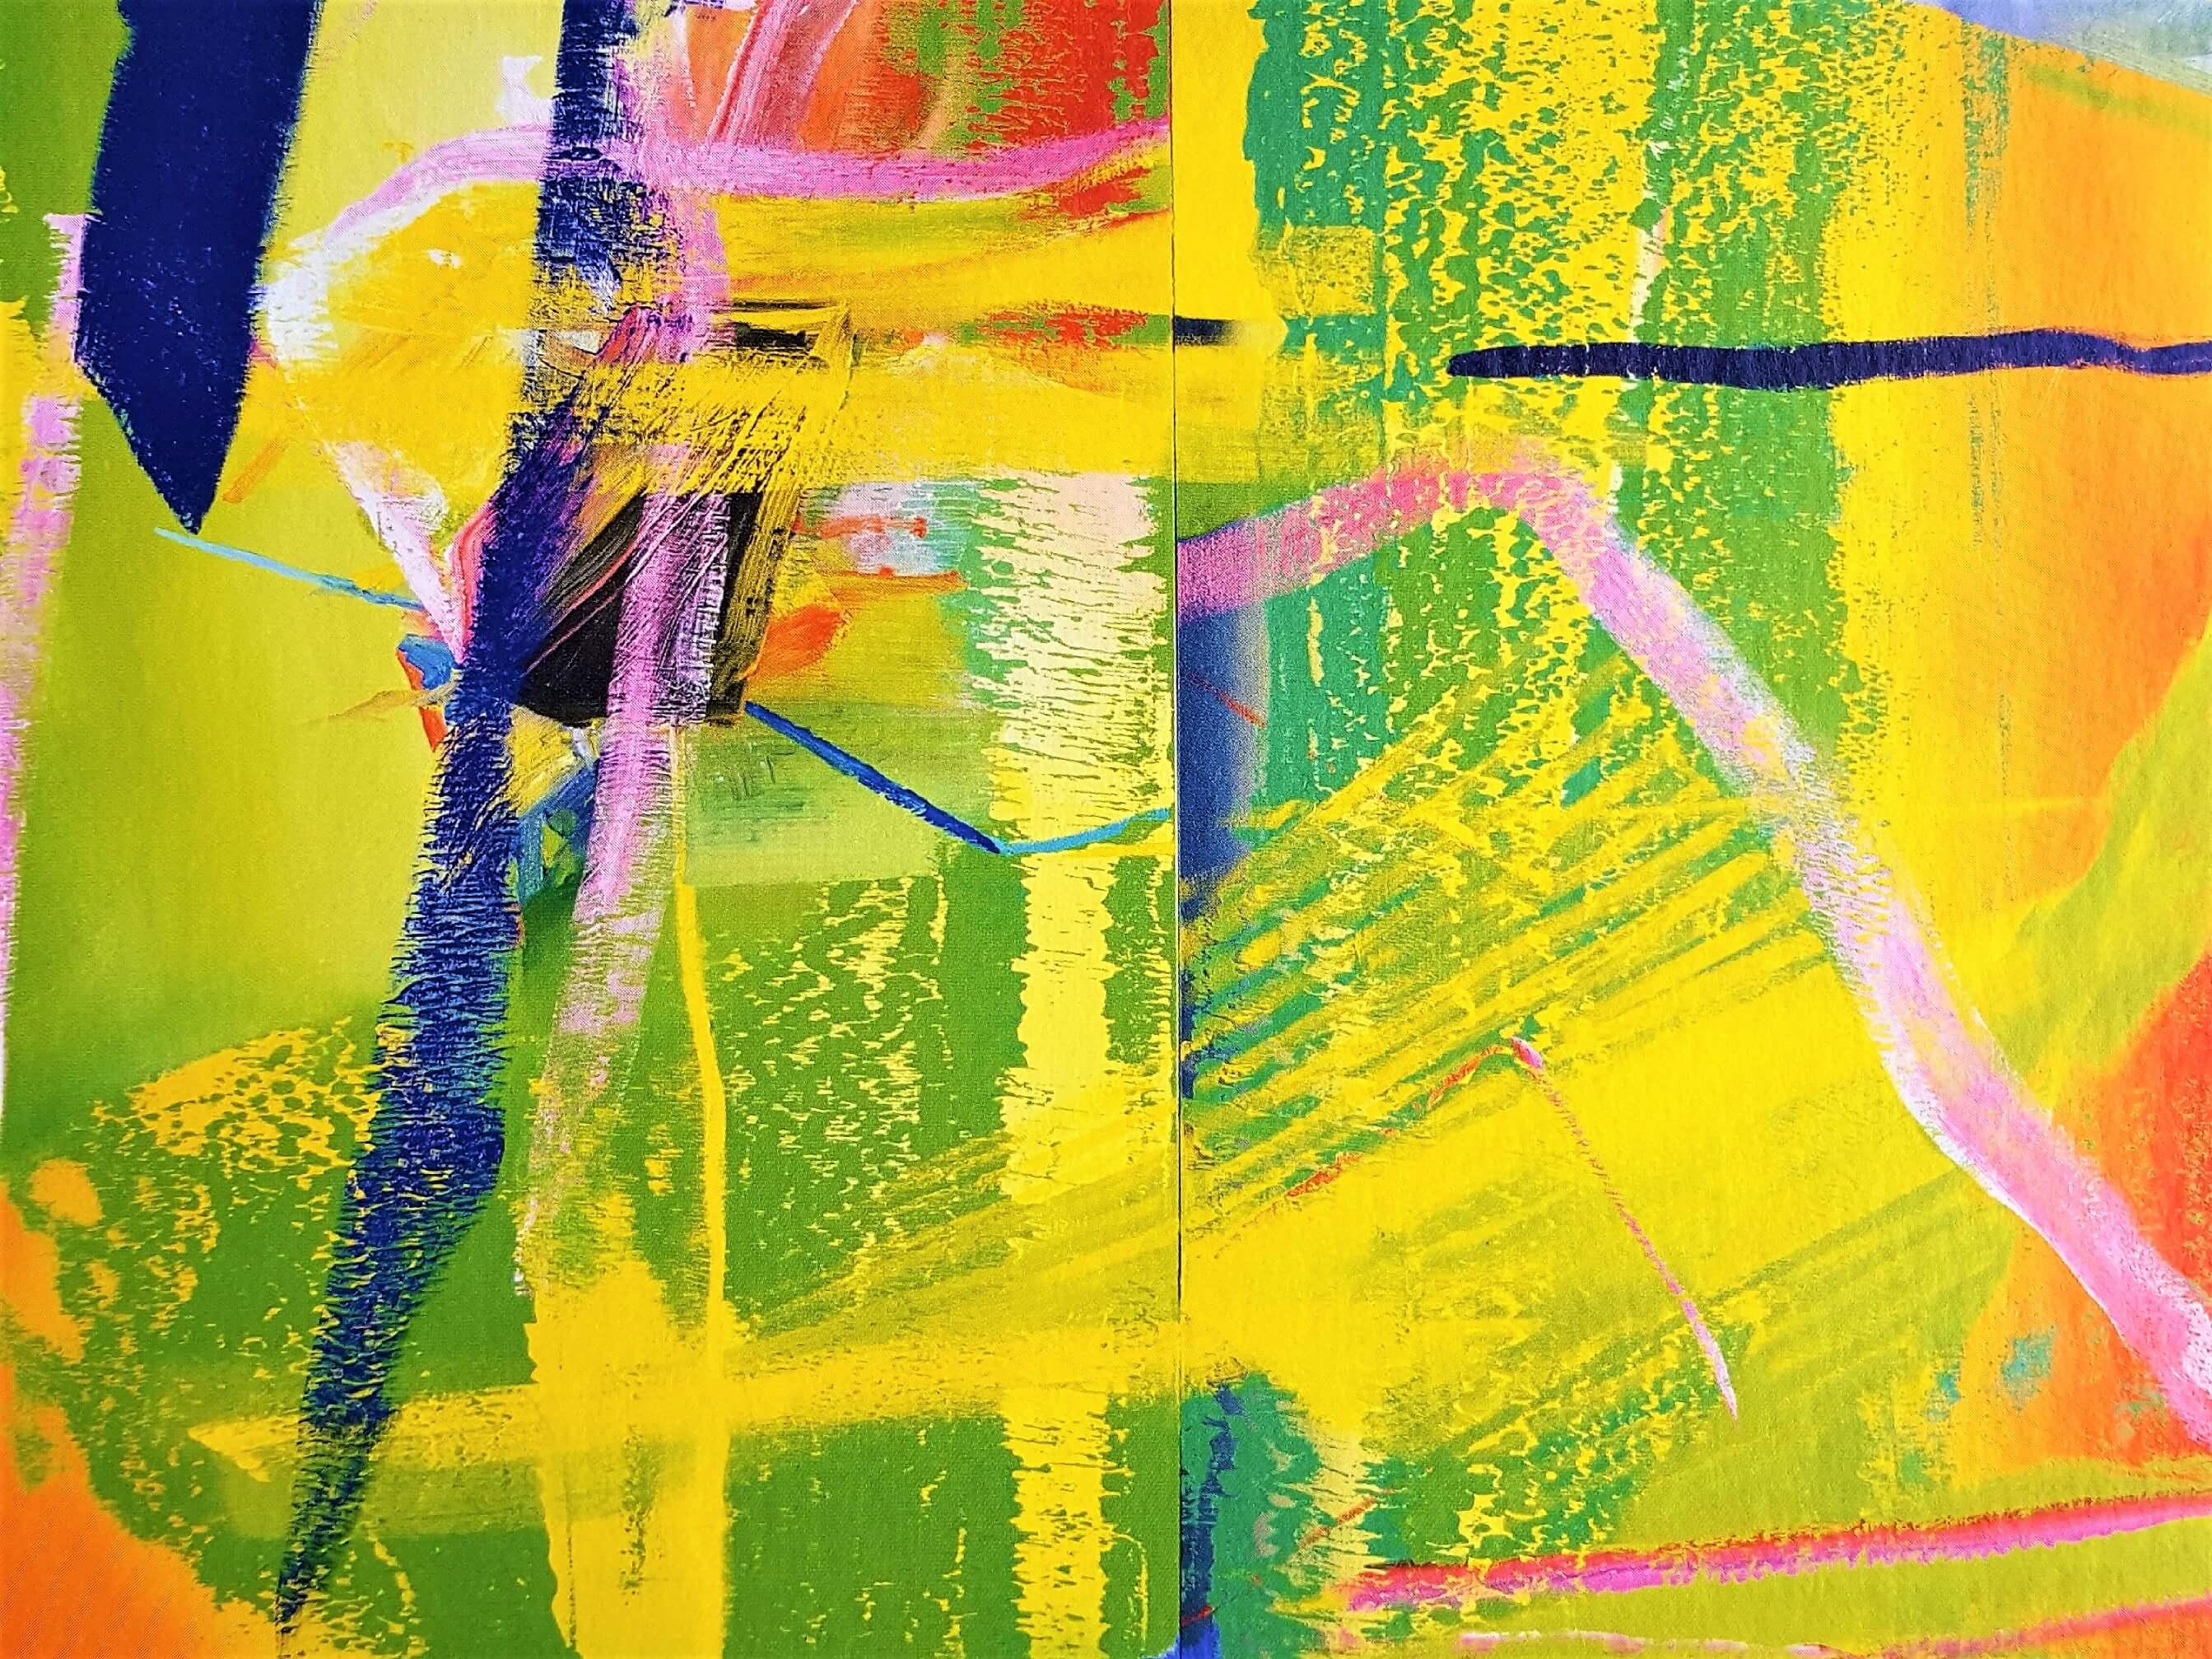 artistic 4 (2)